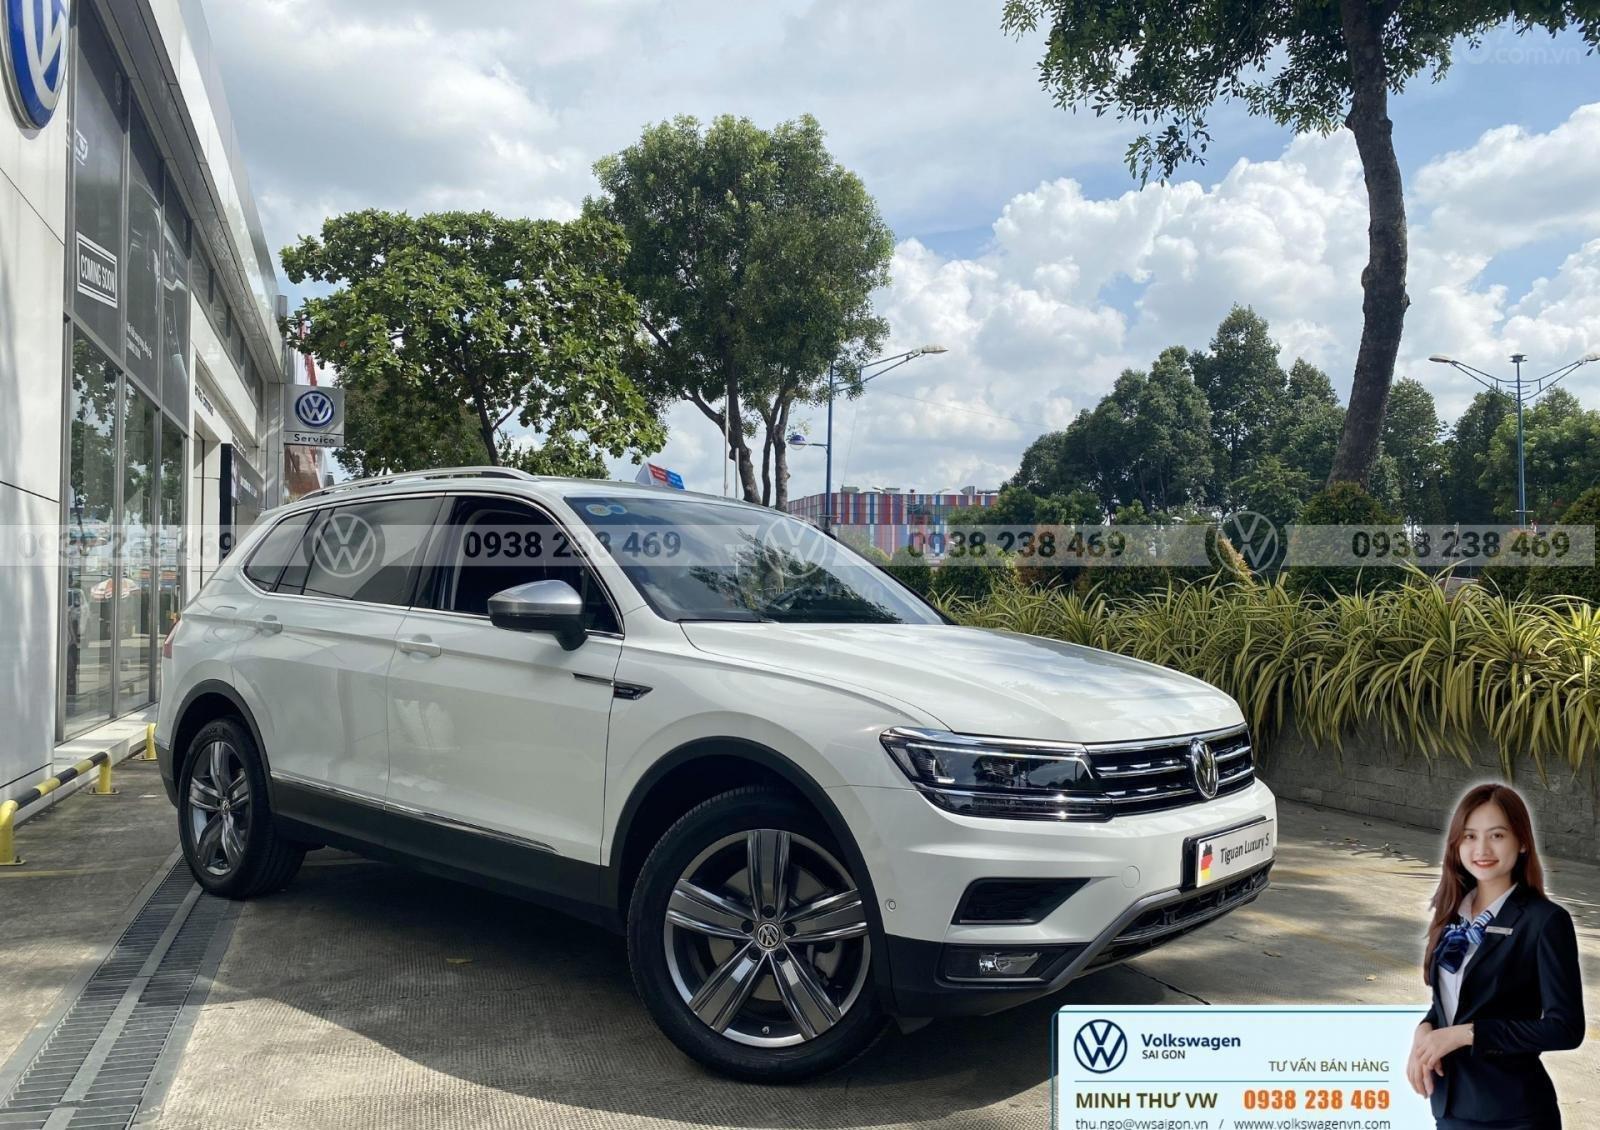 Vw Tiguan Luxury S màu trắng - Phiên bản cao cấp nhất - Ưu đãi lớn cuối năm  (8)